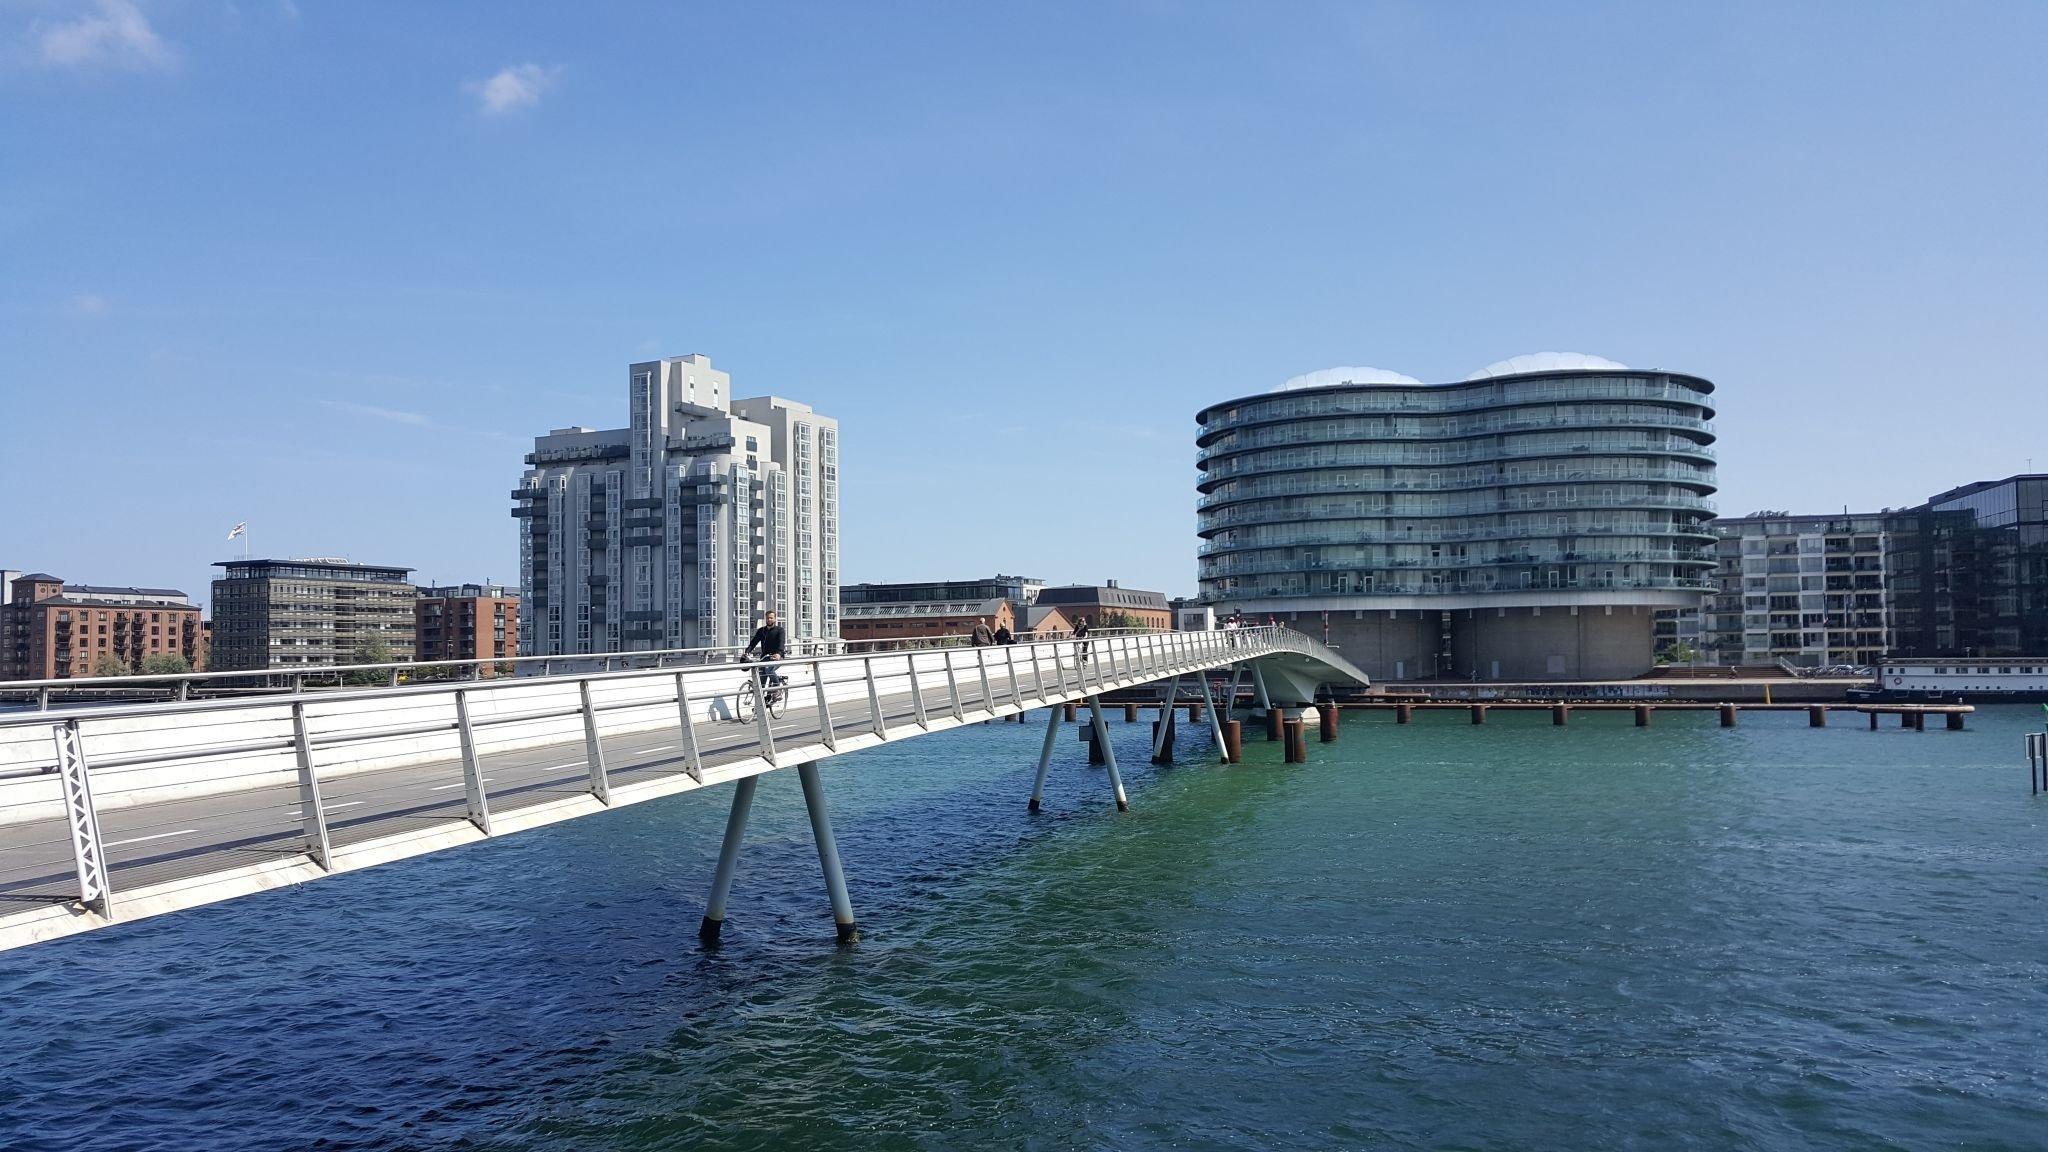 Eine Fahrradbrücke in Kopenhagen. Diese führt über einen Fluss.